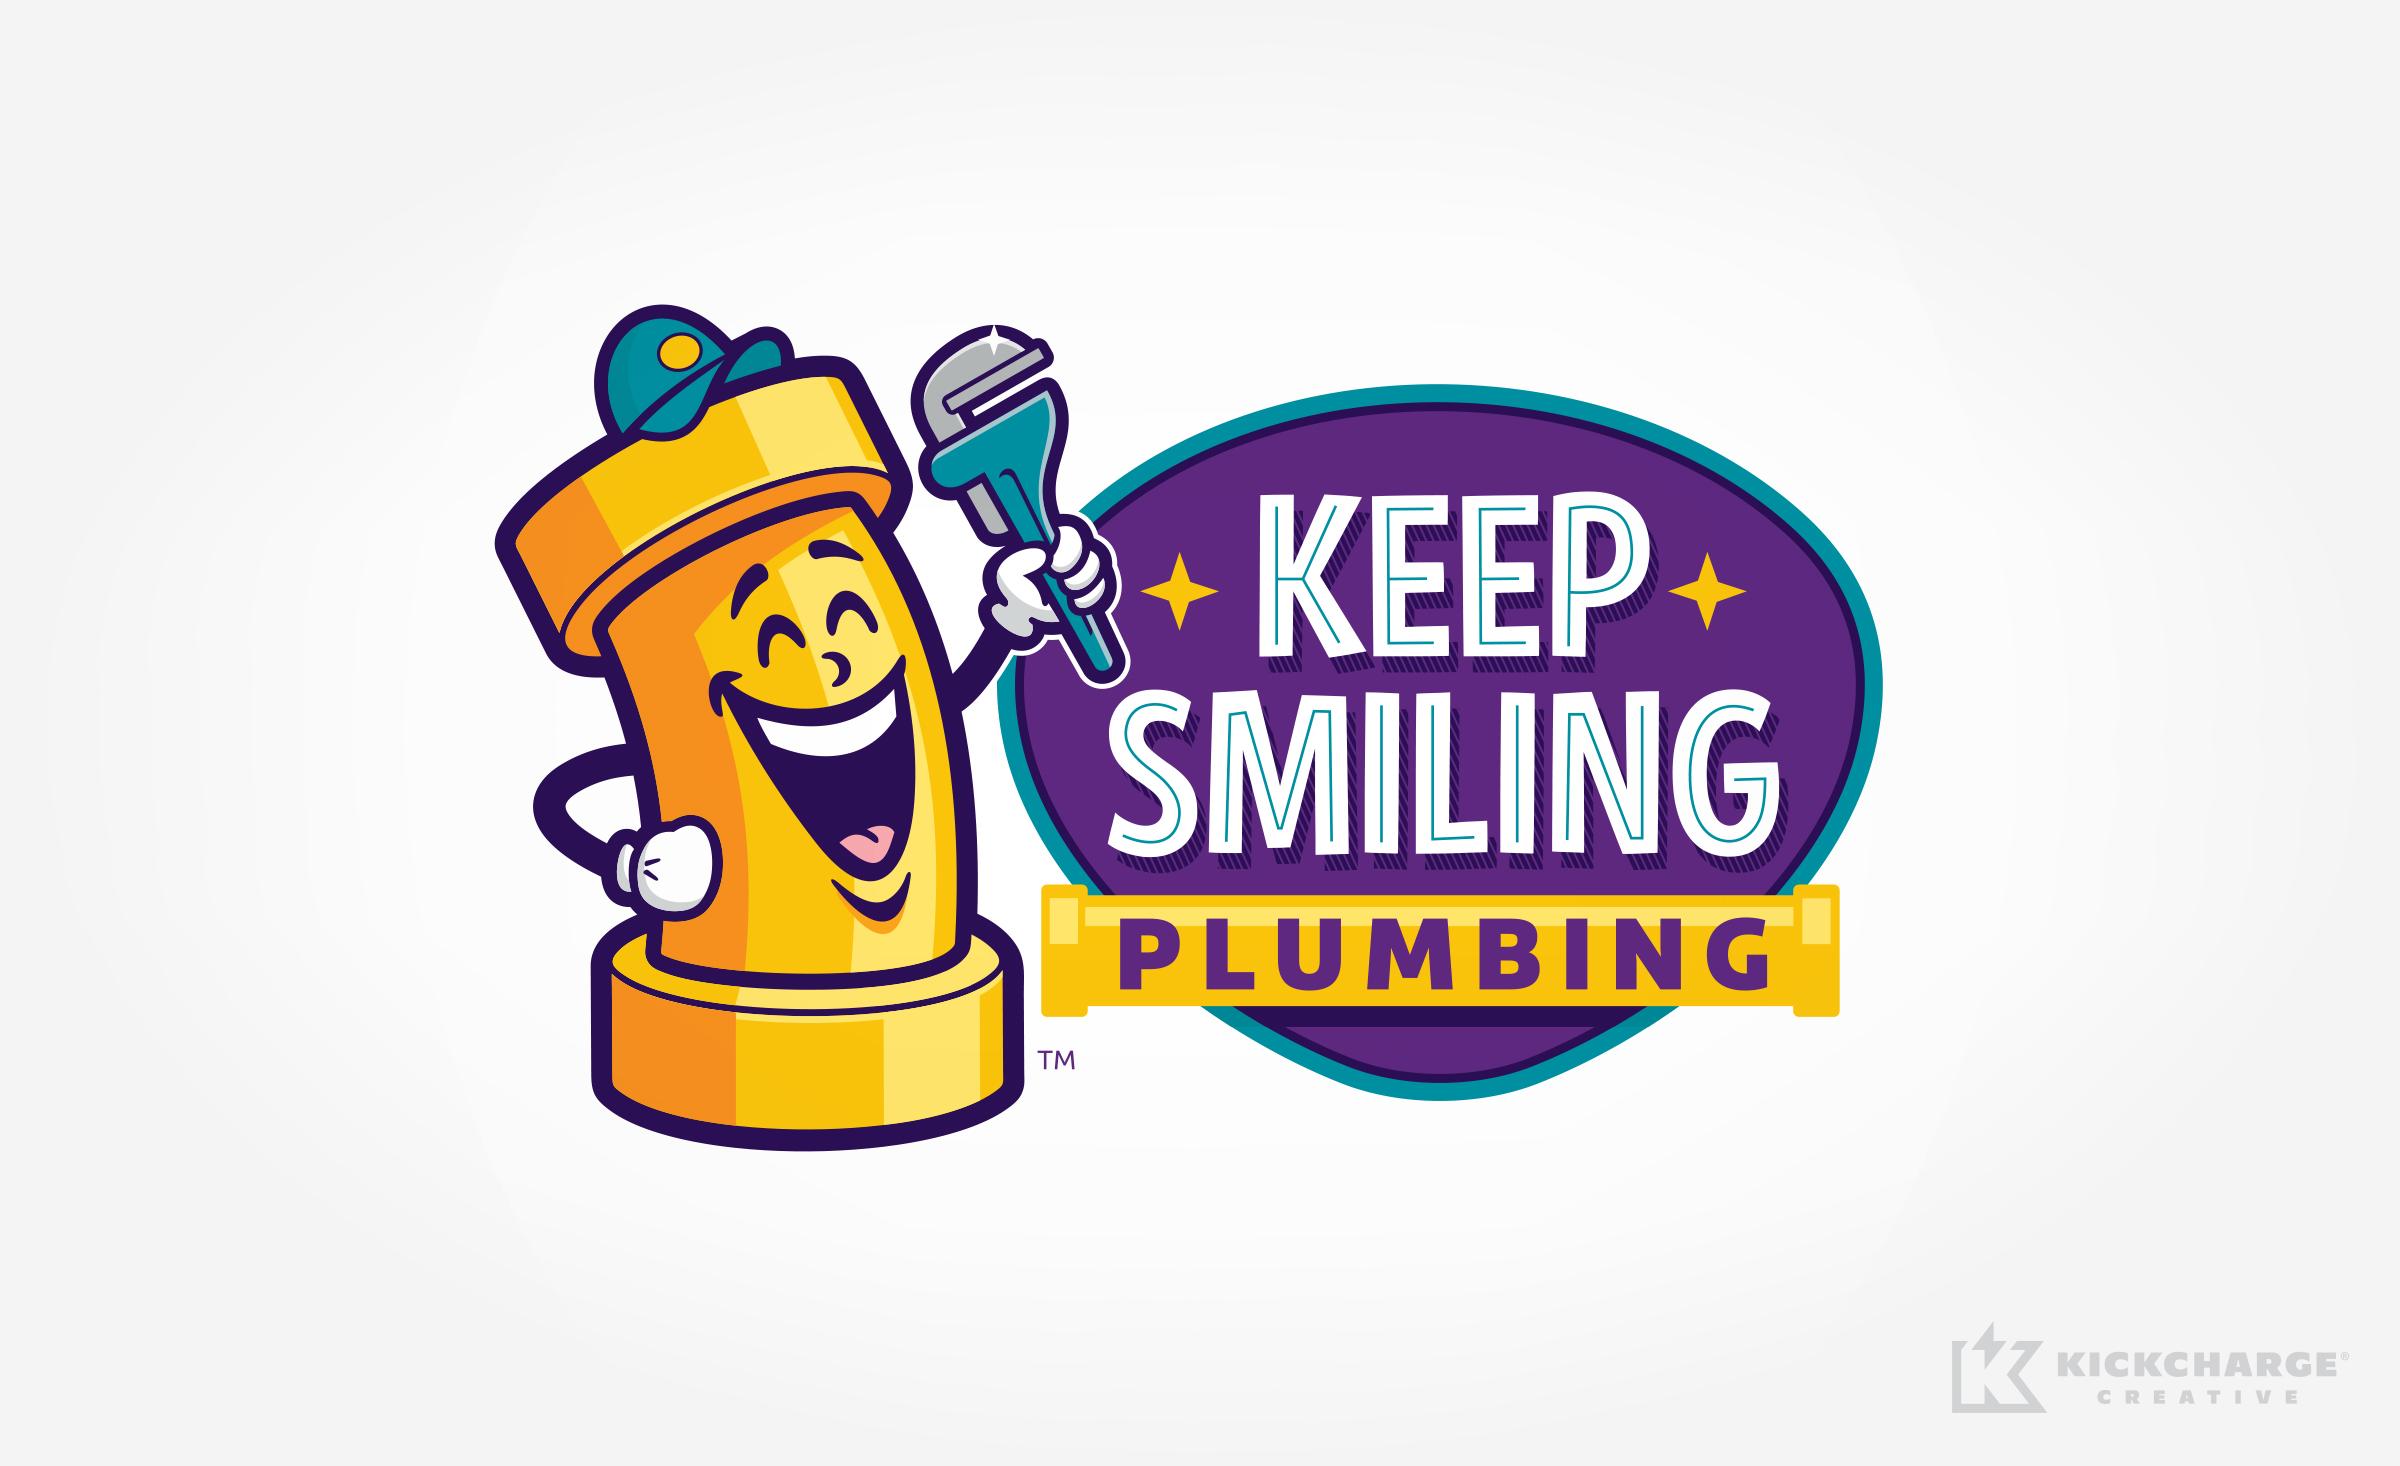 plumbing logo for Keep Smiling Plumbing